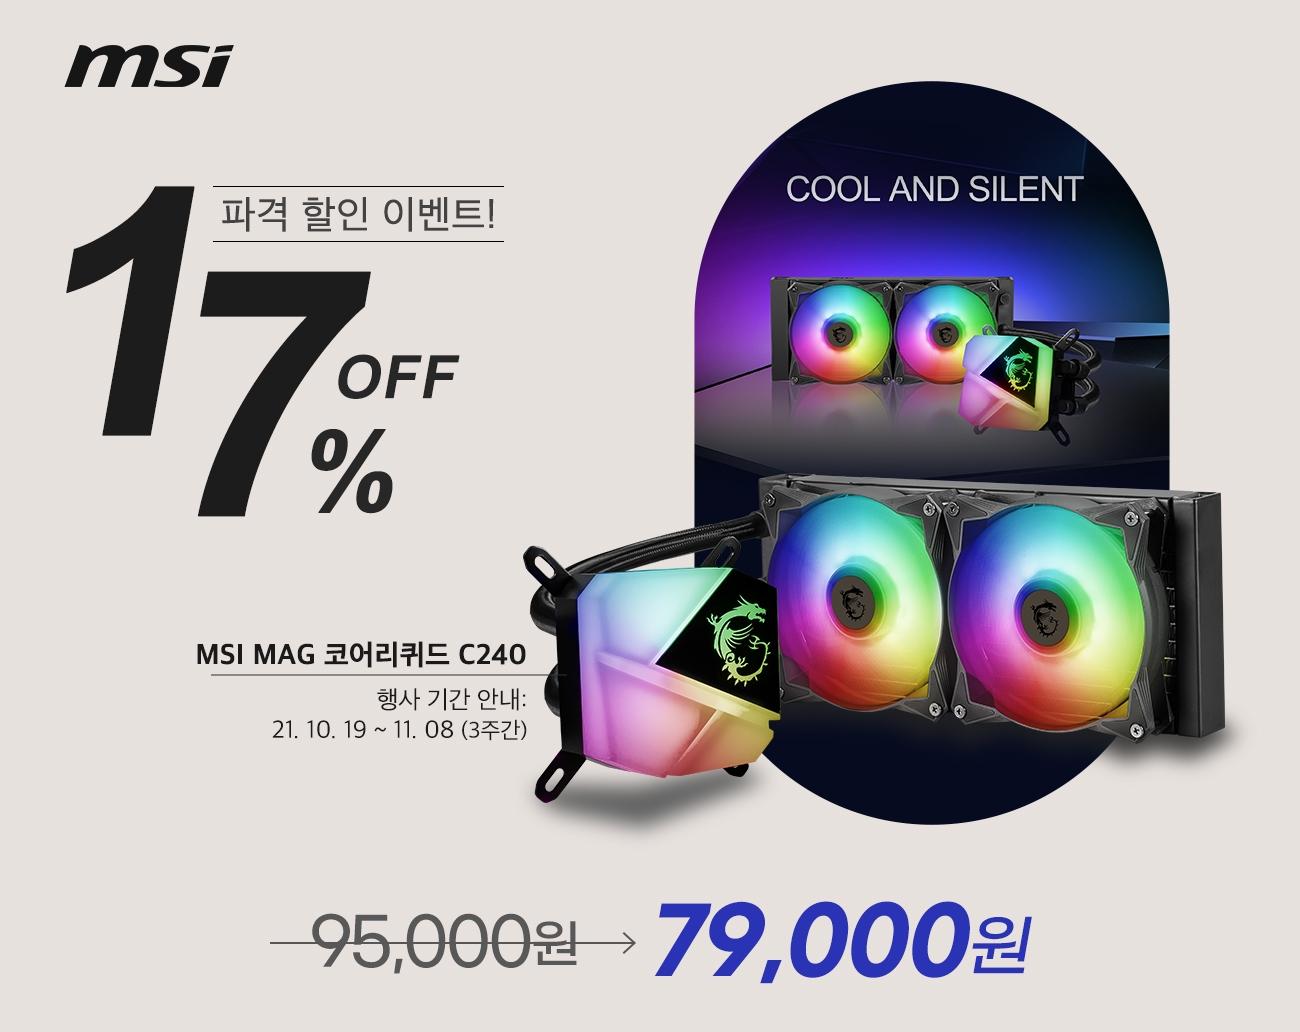 가성비 최강 저소음 쿨러! MSI 코어리퀴드 C240 17% 할인 이벤트